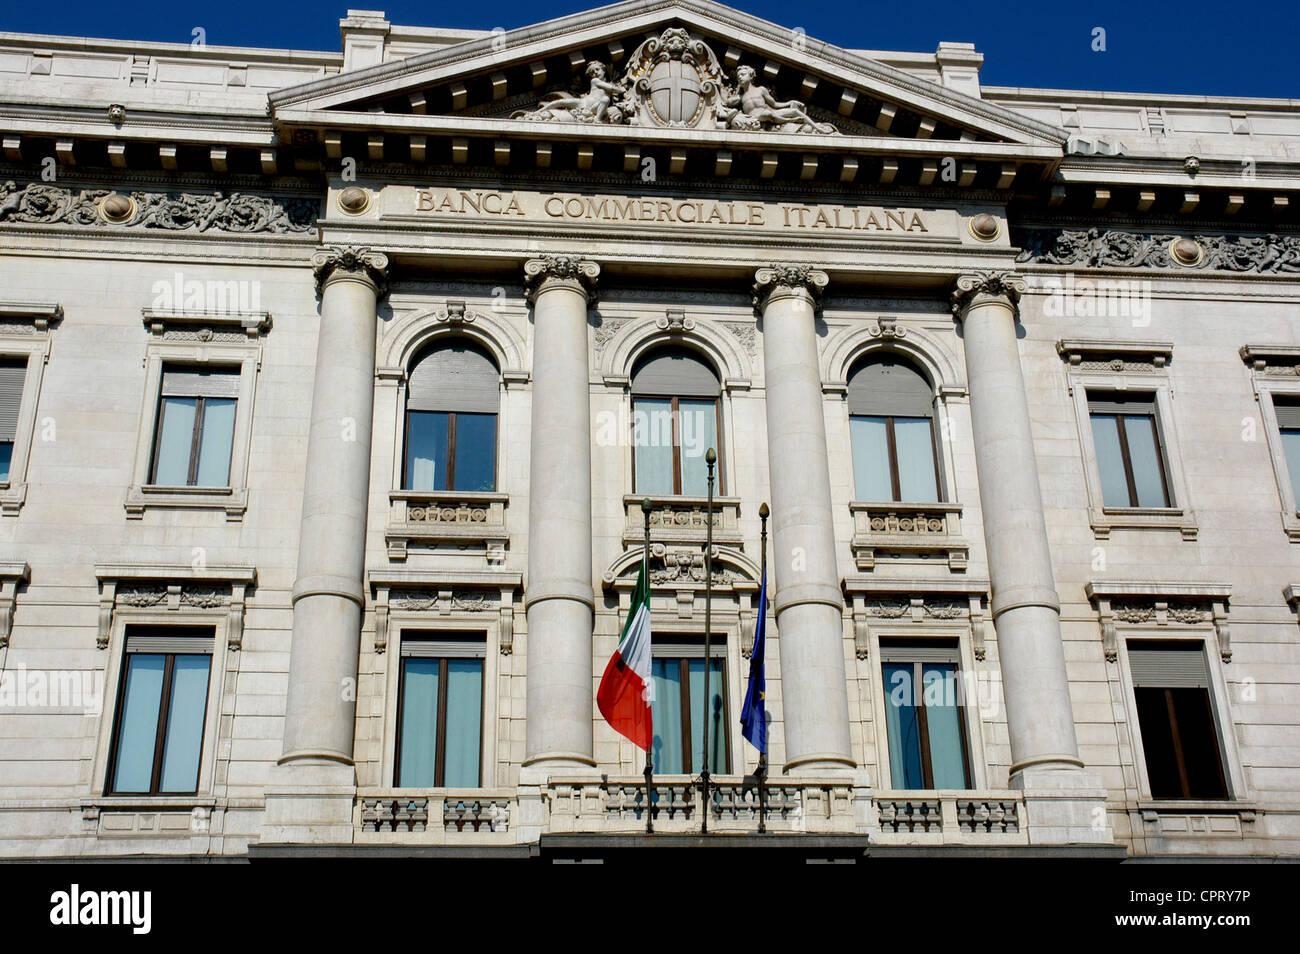 Palacio de la Banca Commerciale Italiana. Diseñado por Luca Beltrami (1854-1933) en 1927. Exterior. Milán. Imagen De Stock